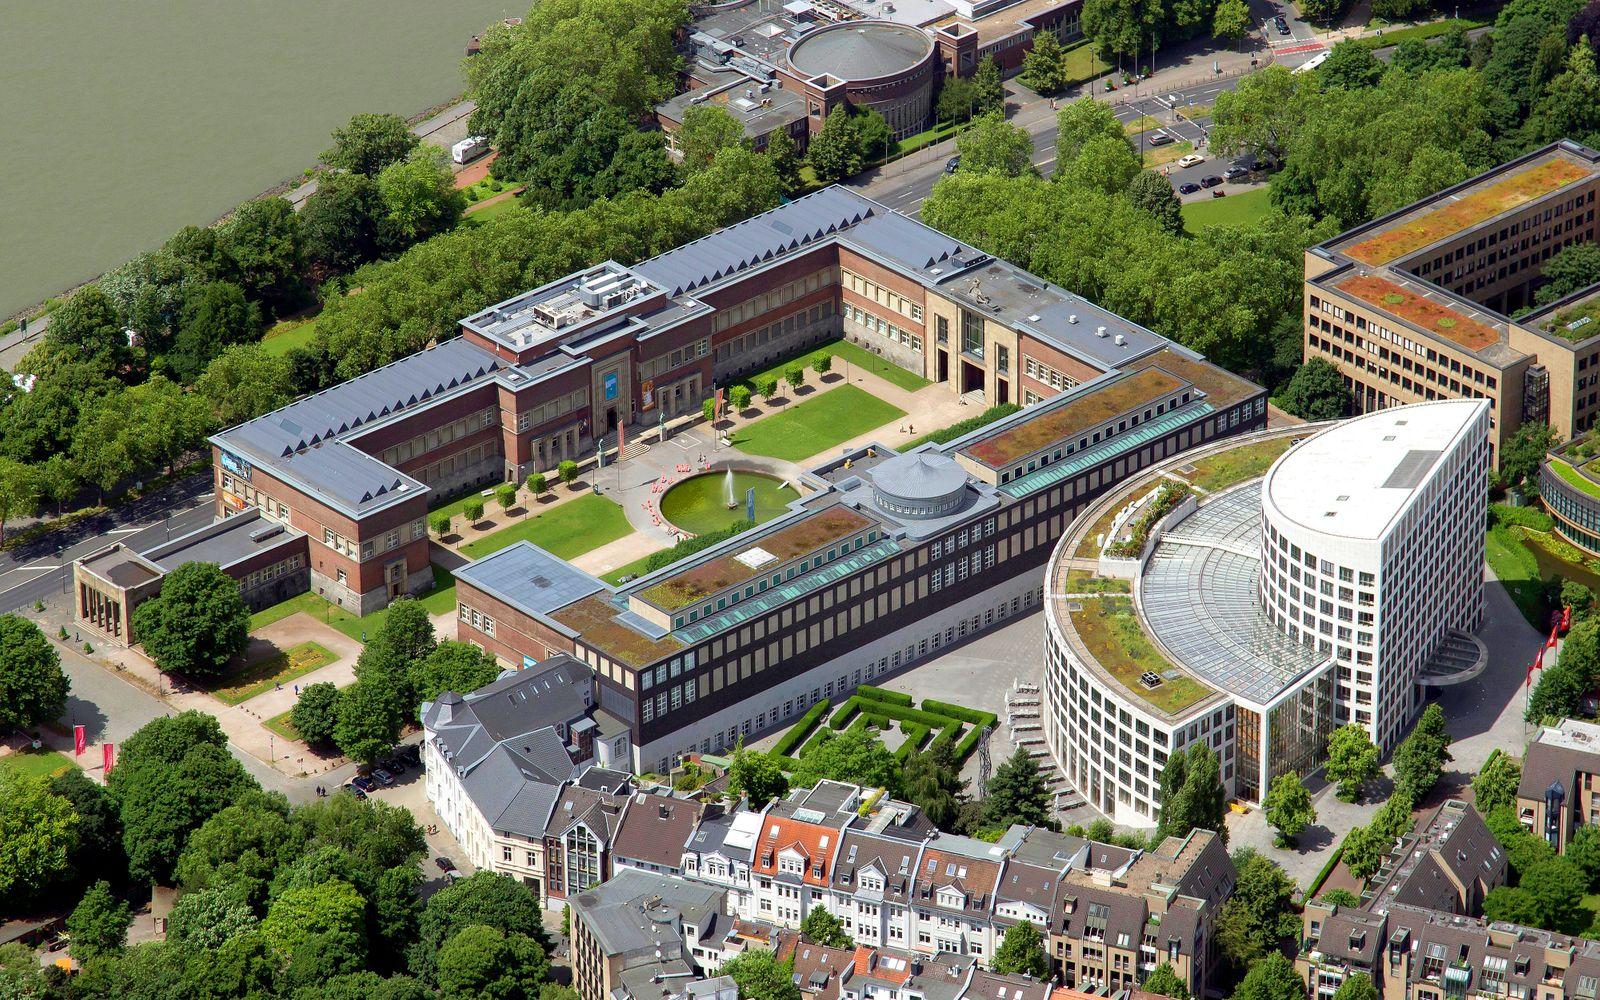 Ehrenhof mit Museum Kunst-Palast und NRW-Forum Kultur und Wirtschaft, erbaut 1926, rechts EON-Konzernzentrale, Düsseldorf, Rheinland, Nordrhein-Westfalen, Deut